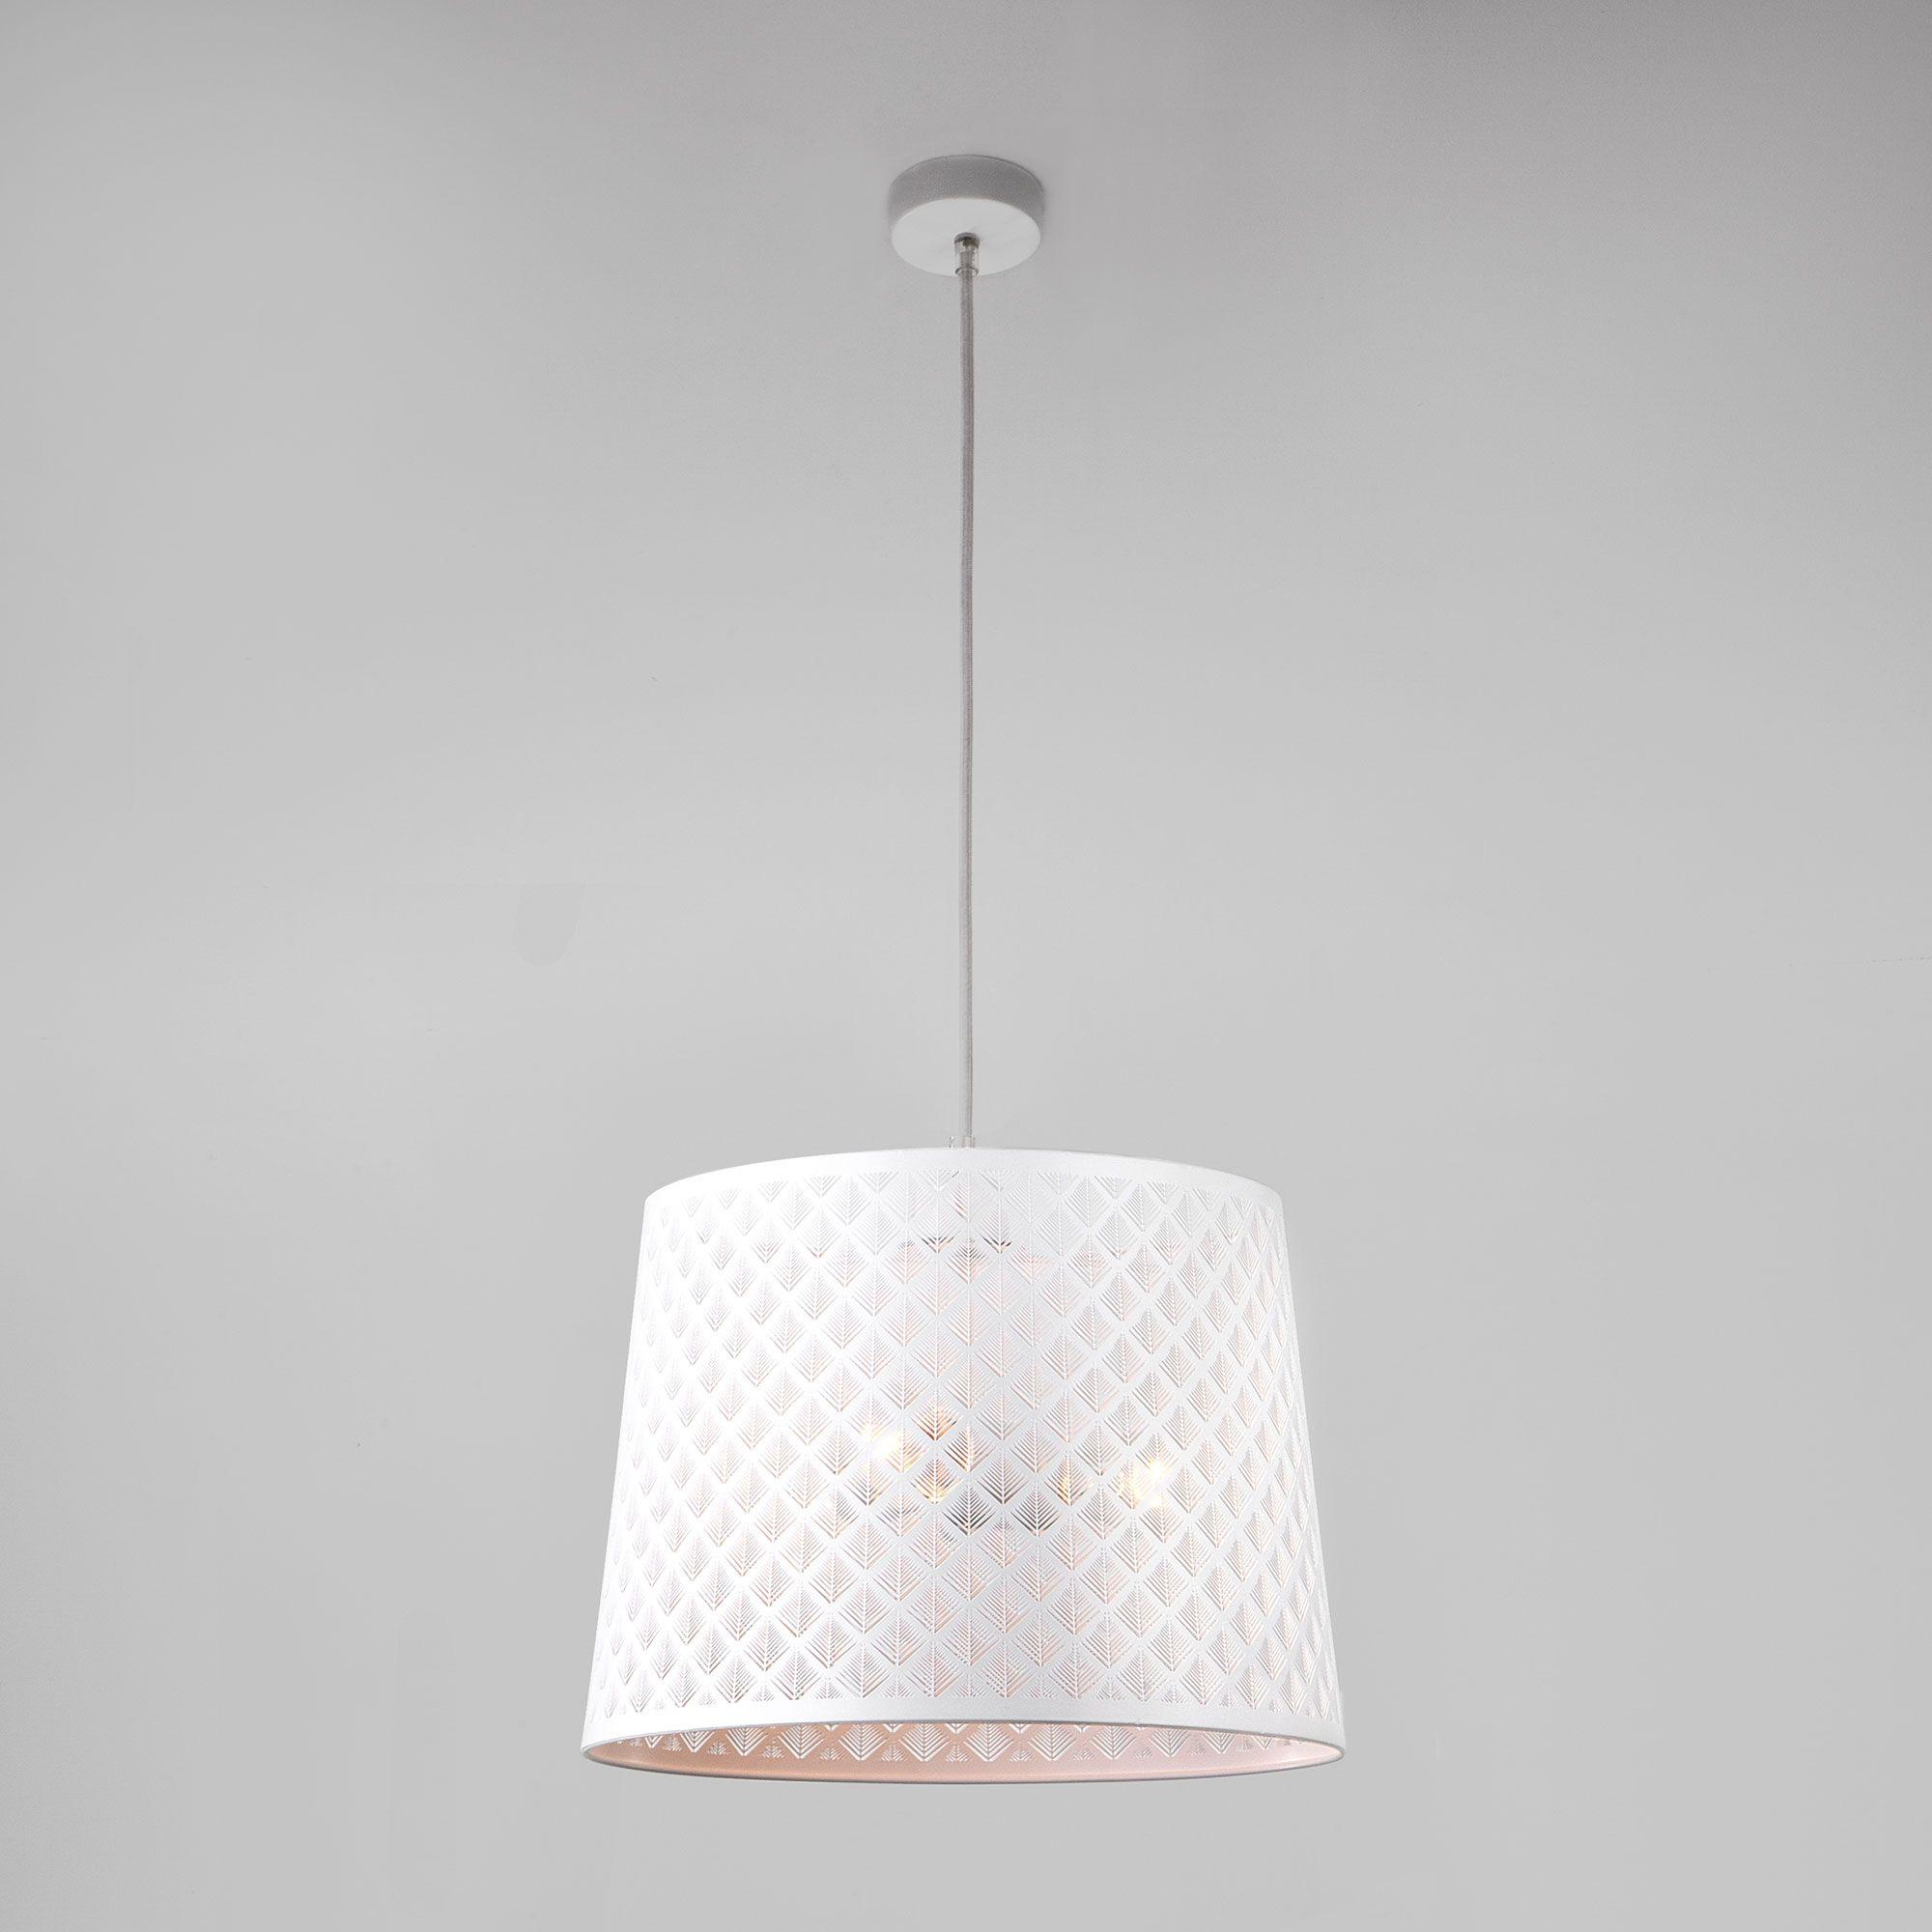 Подвесной светильник с резным плафоном 70076/3 белый